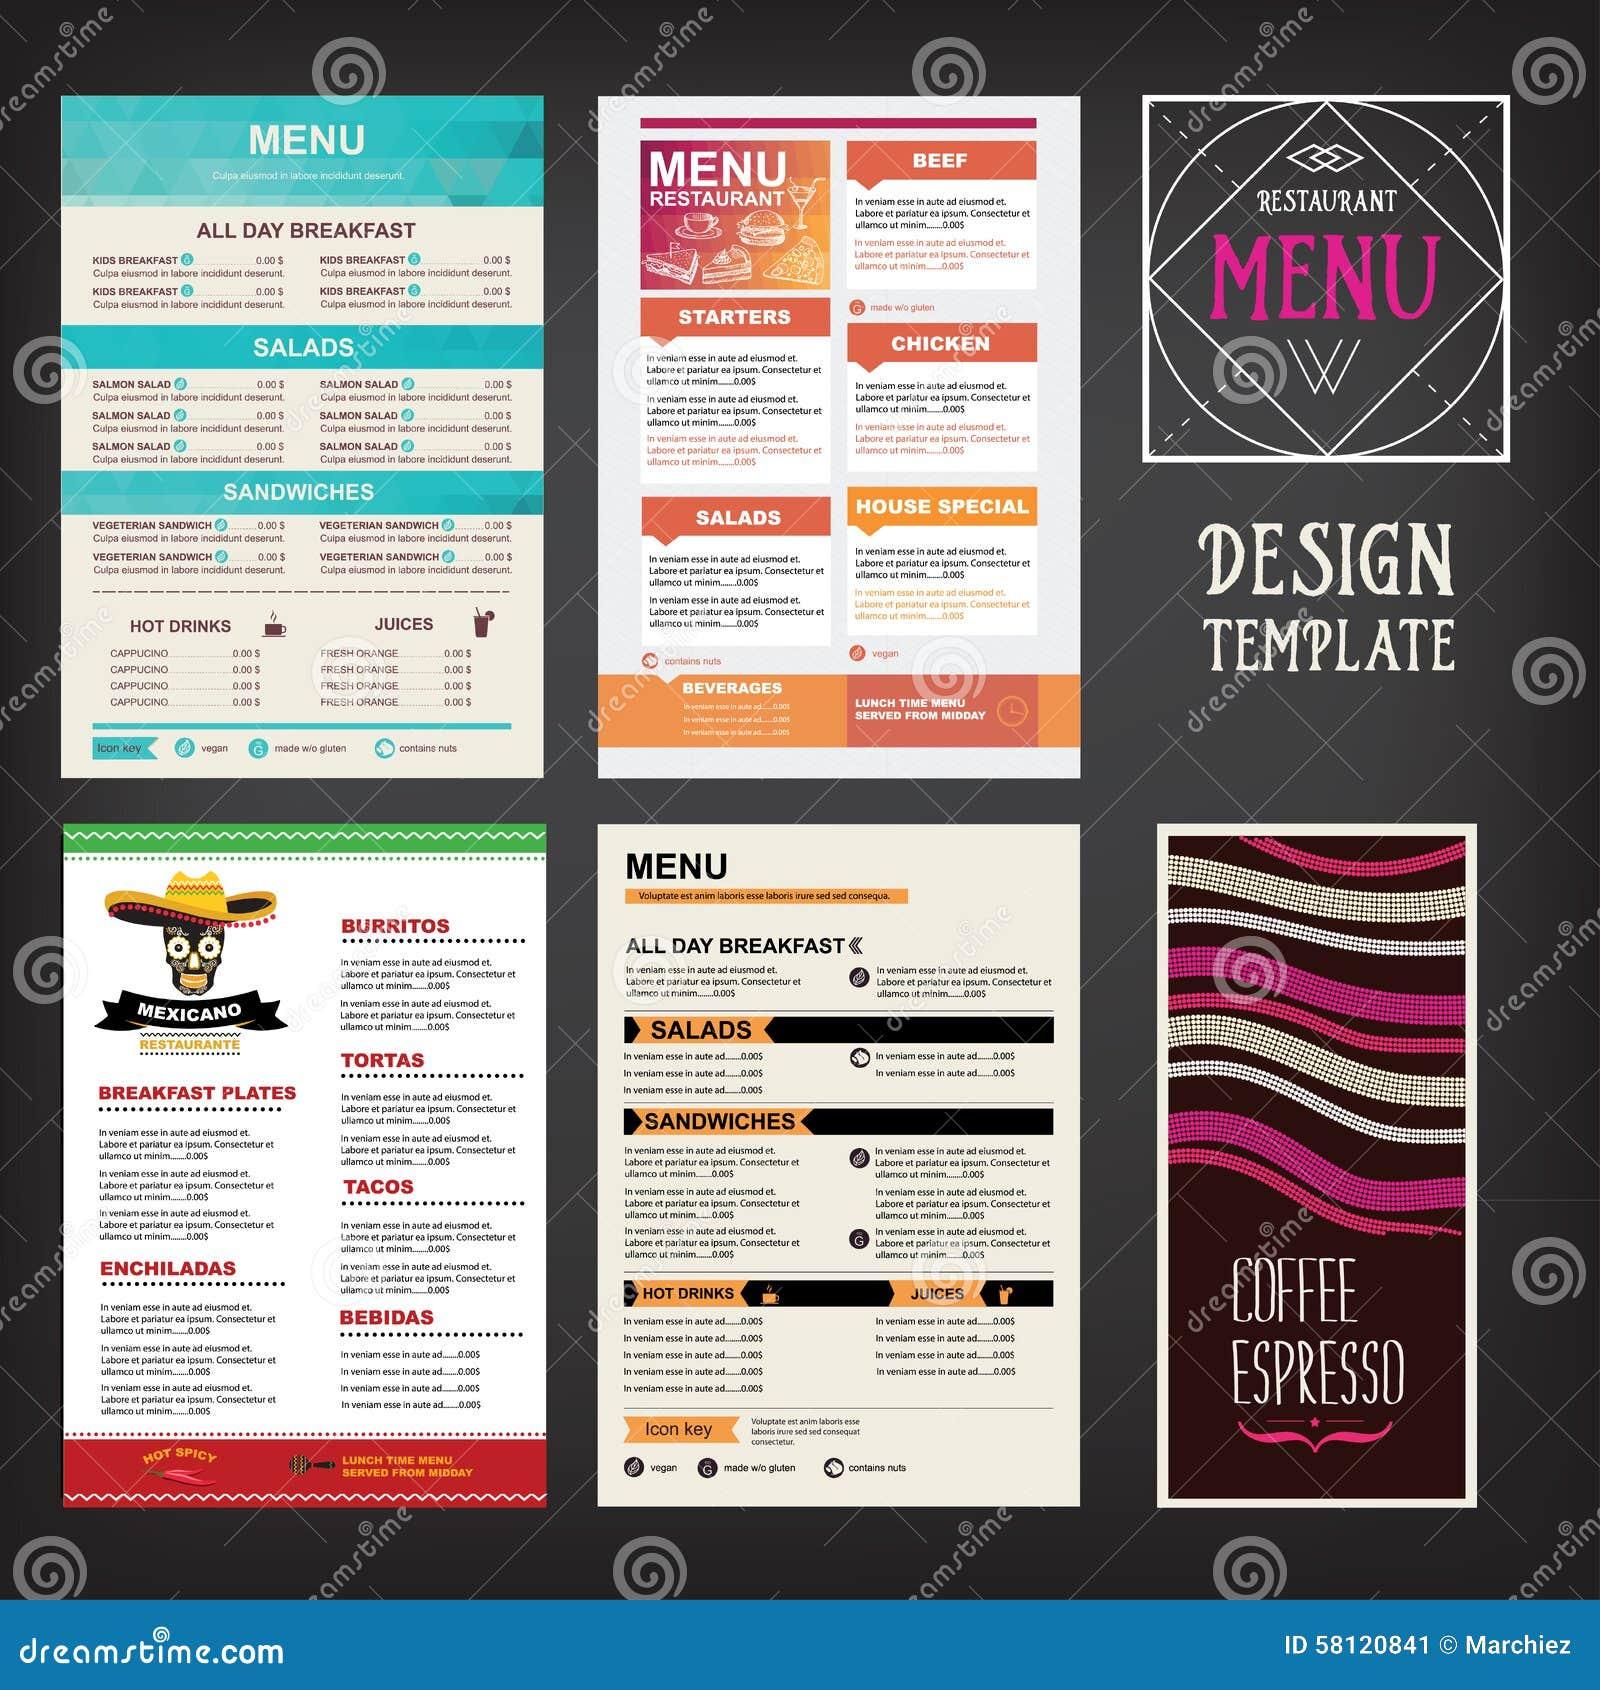 Folleto Del Restaurante Del Menú Del Café Plantilla Del Diseño De La ...